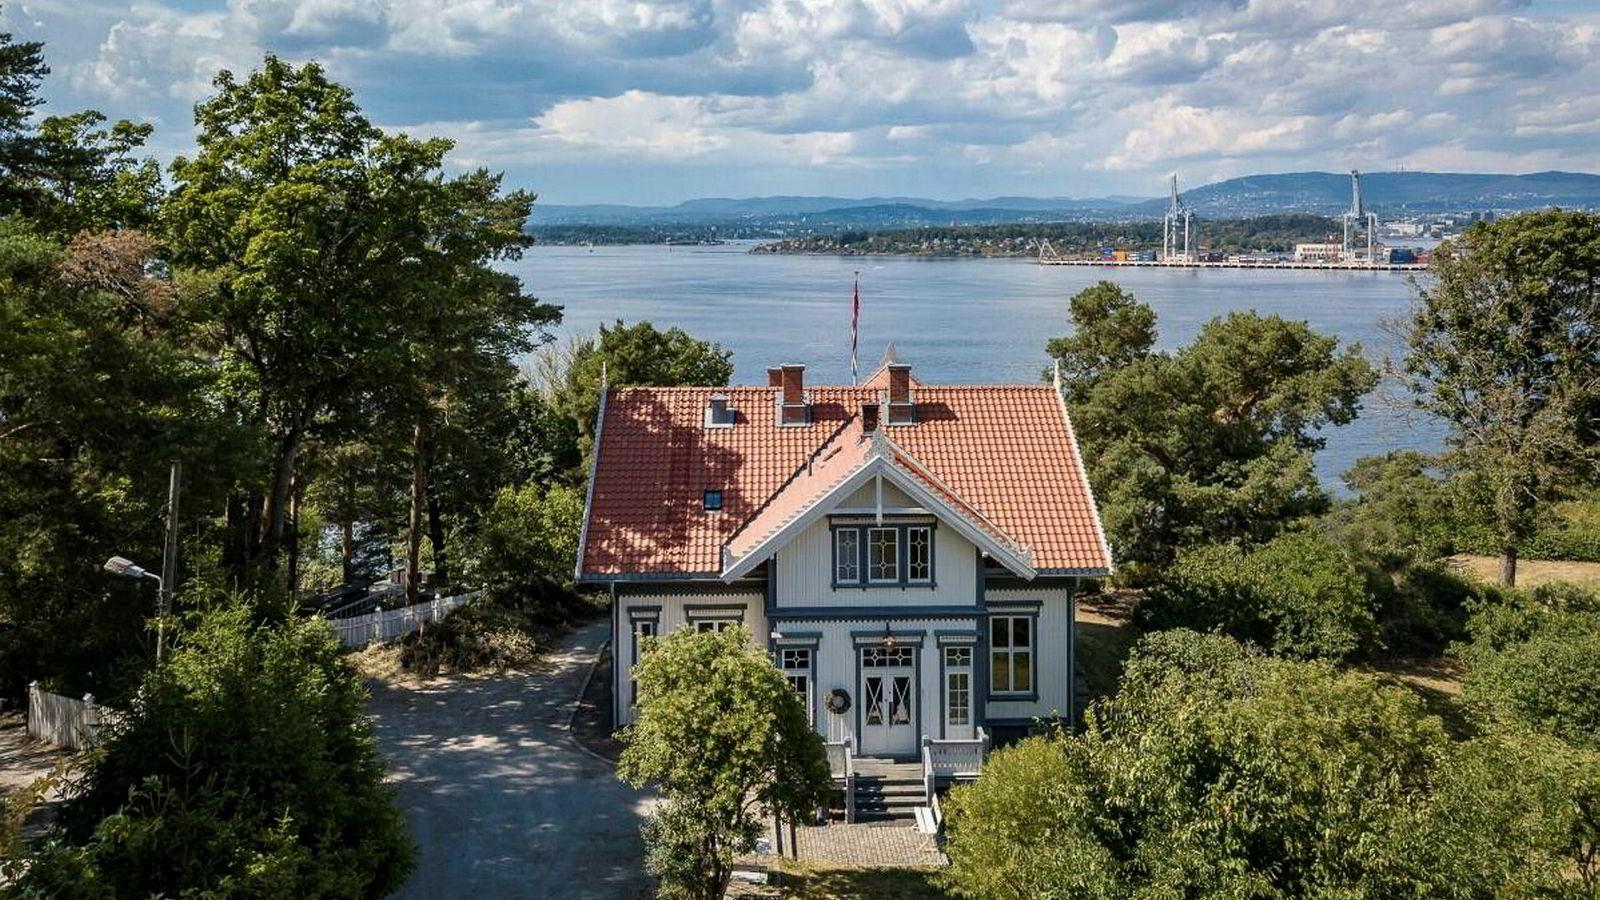 XXL-gründer Øivind L. Tidemandsen kjøpte villaen for 25 millioner i 2010. Hva han solgte den for i 2018 er ukjent, men det er tatt pant på 27 millioner kroner i eiendommen.